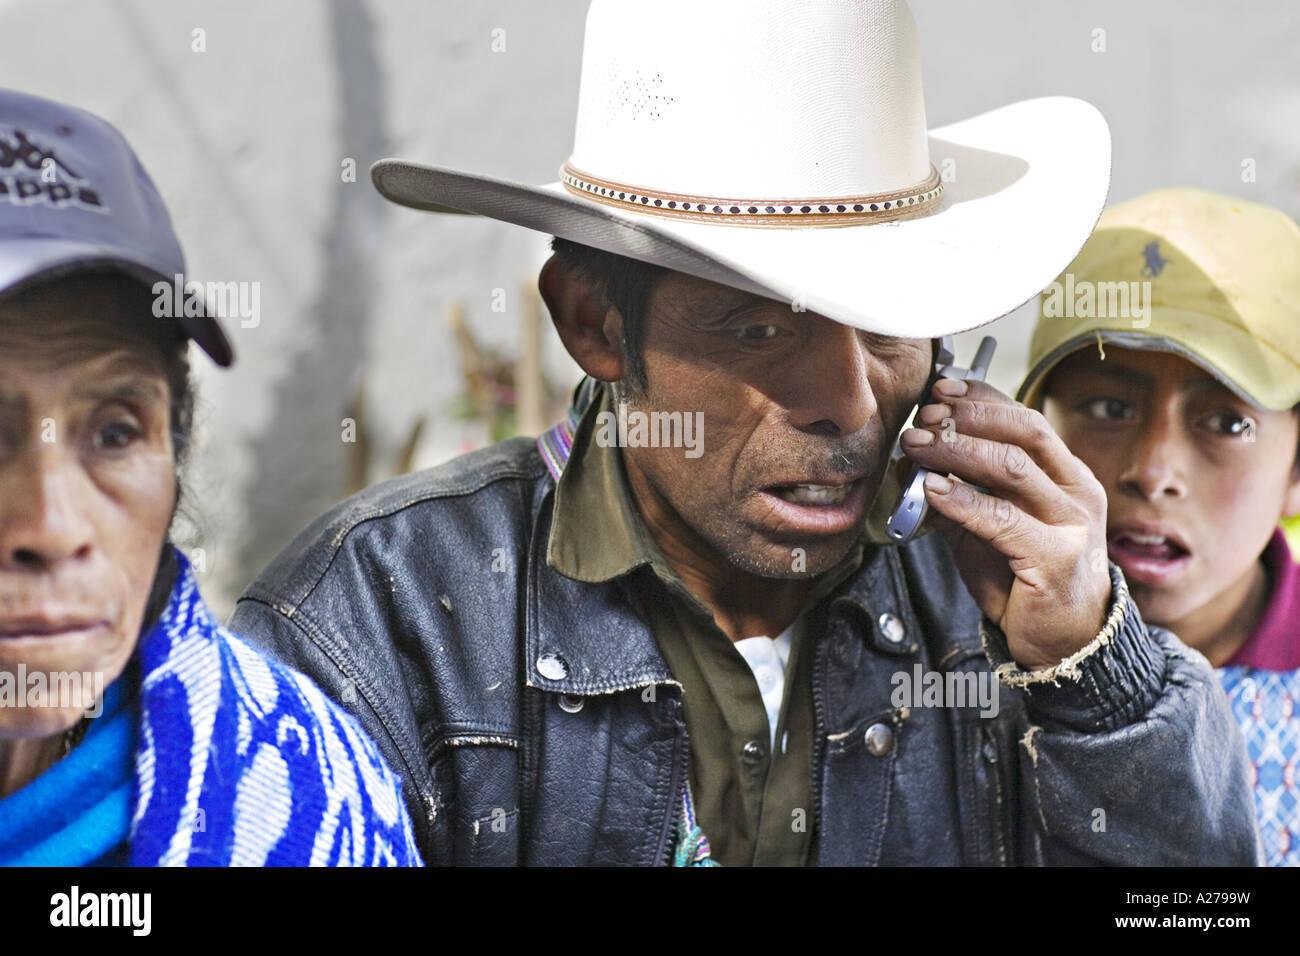 2fbd349015265 GUATEMALA CAPELLANIA indígenas maya Quiche hombre en el sombrero de cowboy  conversaciones sobre su teléfono Imagen